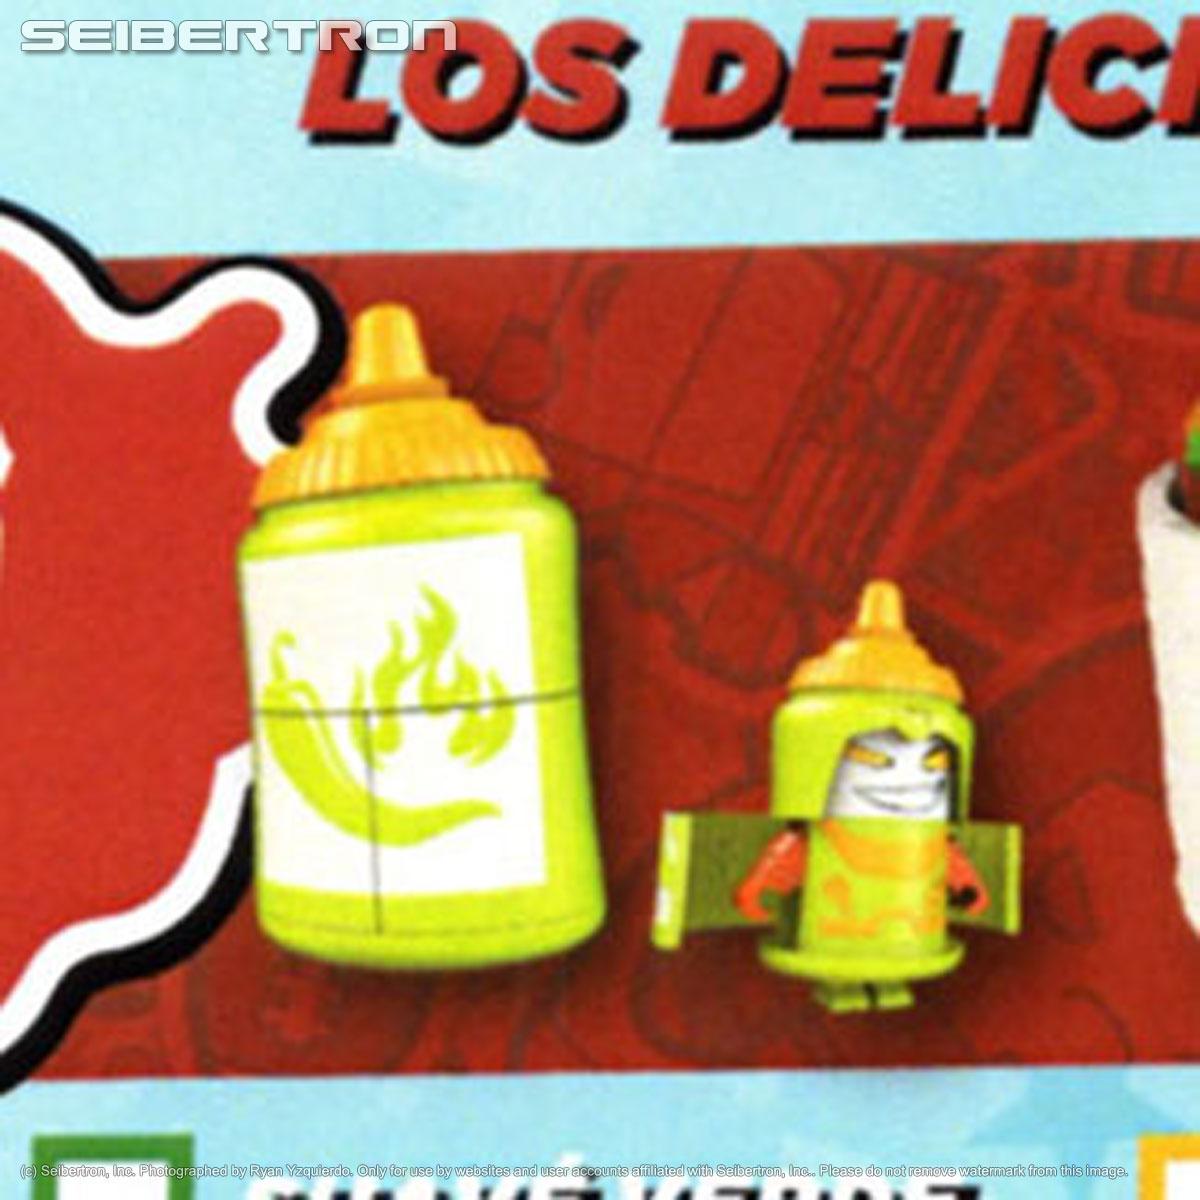 Transformers Botbots Series 4 Los Deliciosos Suave Verde Complete hot sauce